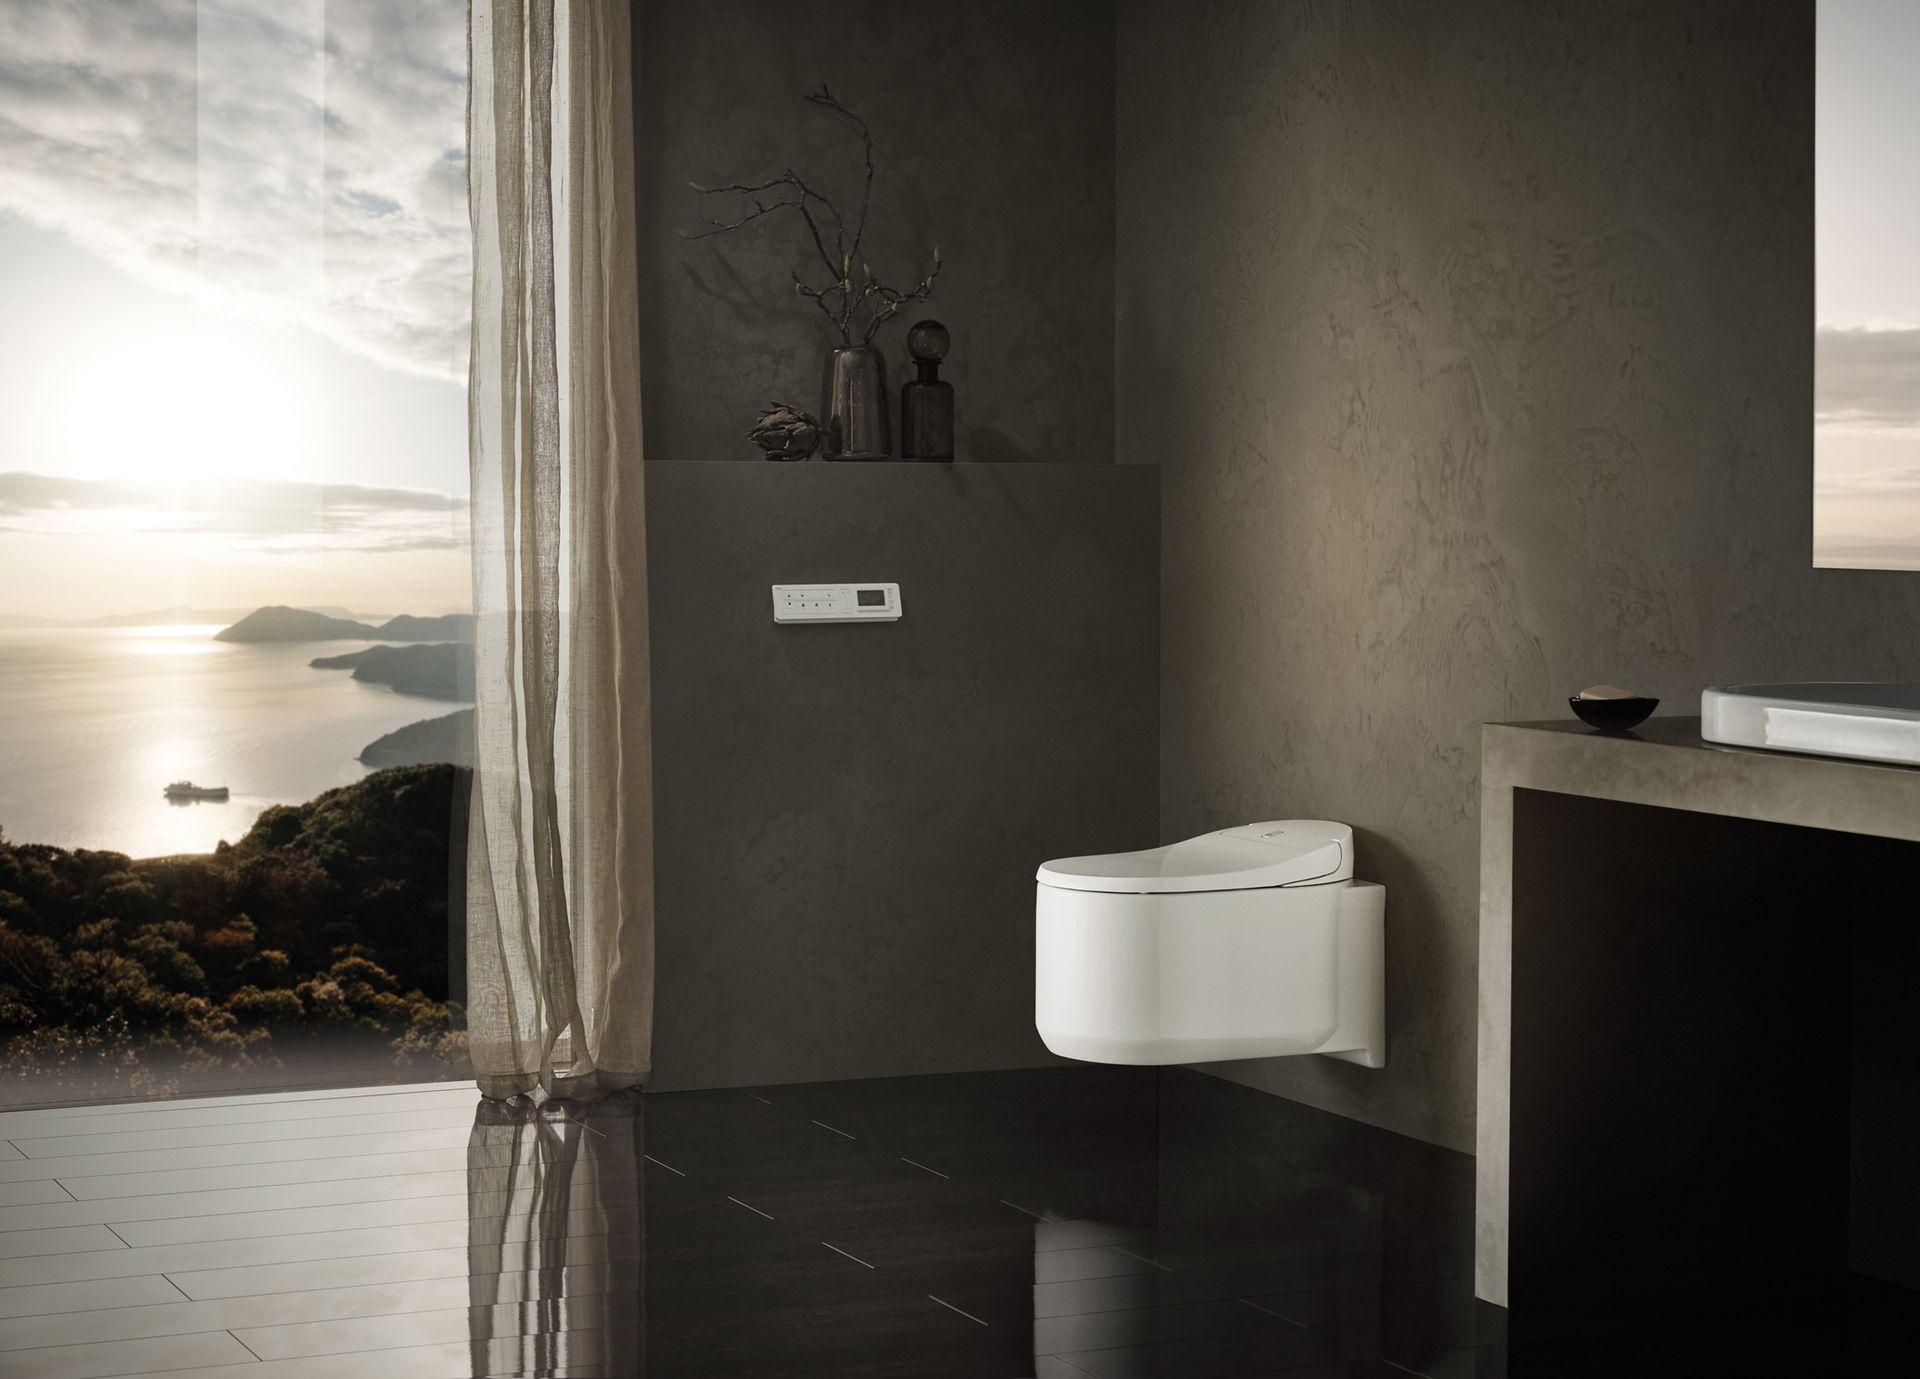 Bagno Senza Bidet Normativa più spazio, comfort e libertà se il bidet è integrato nel wc